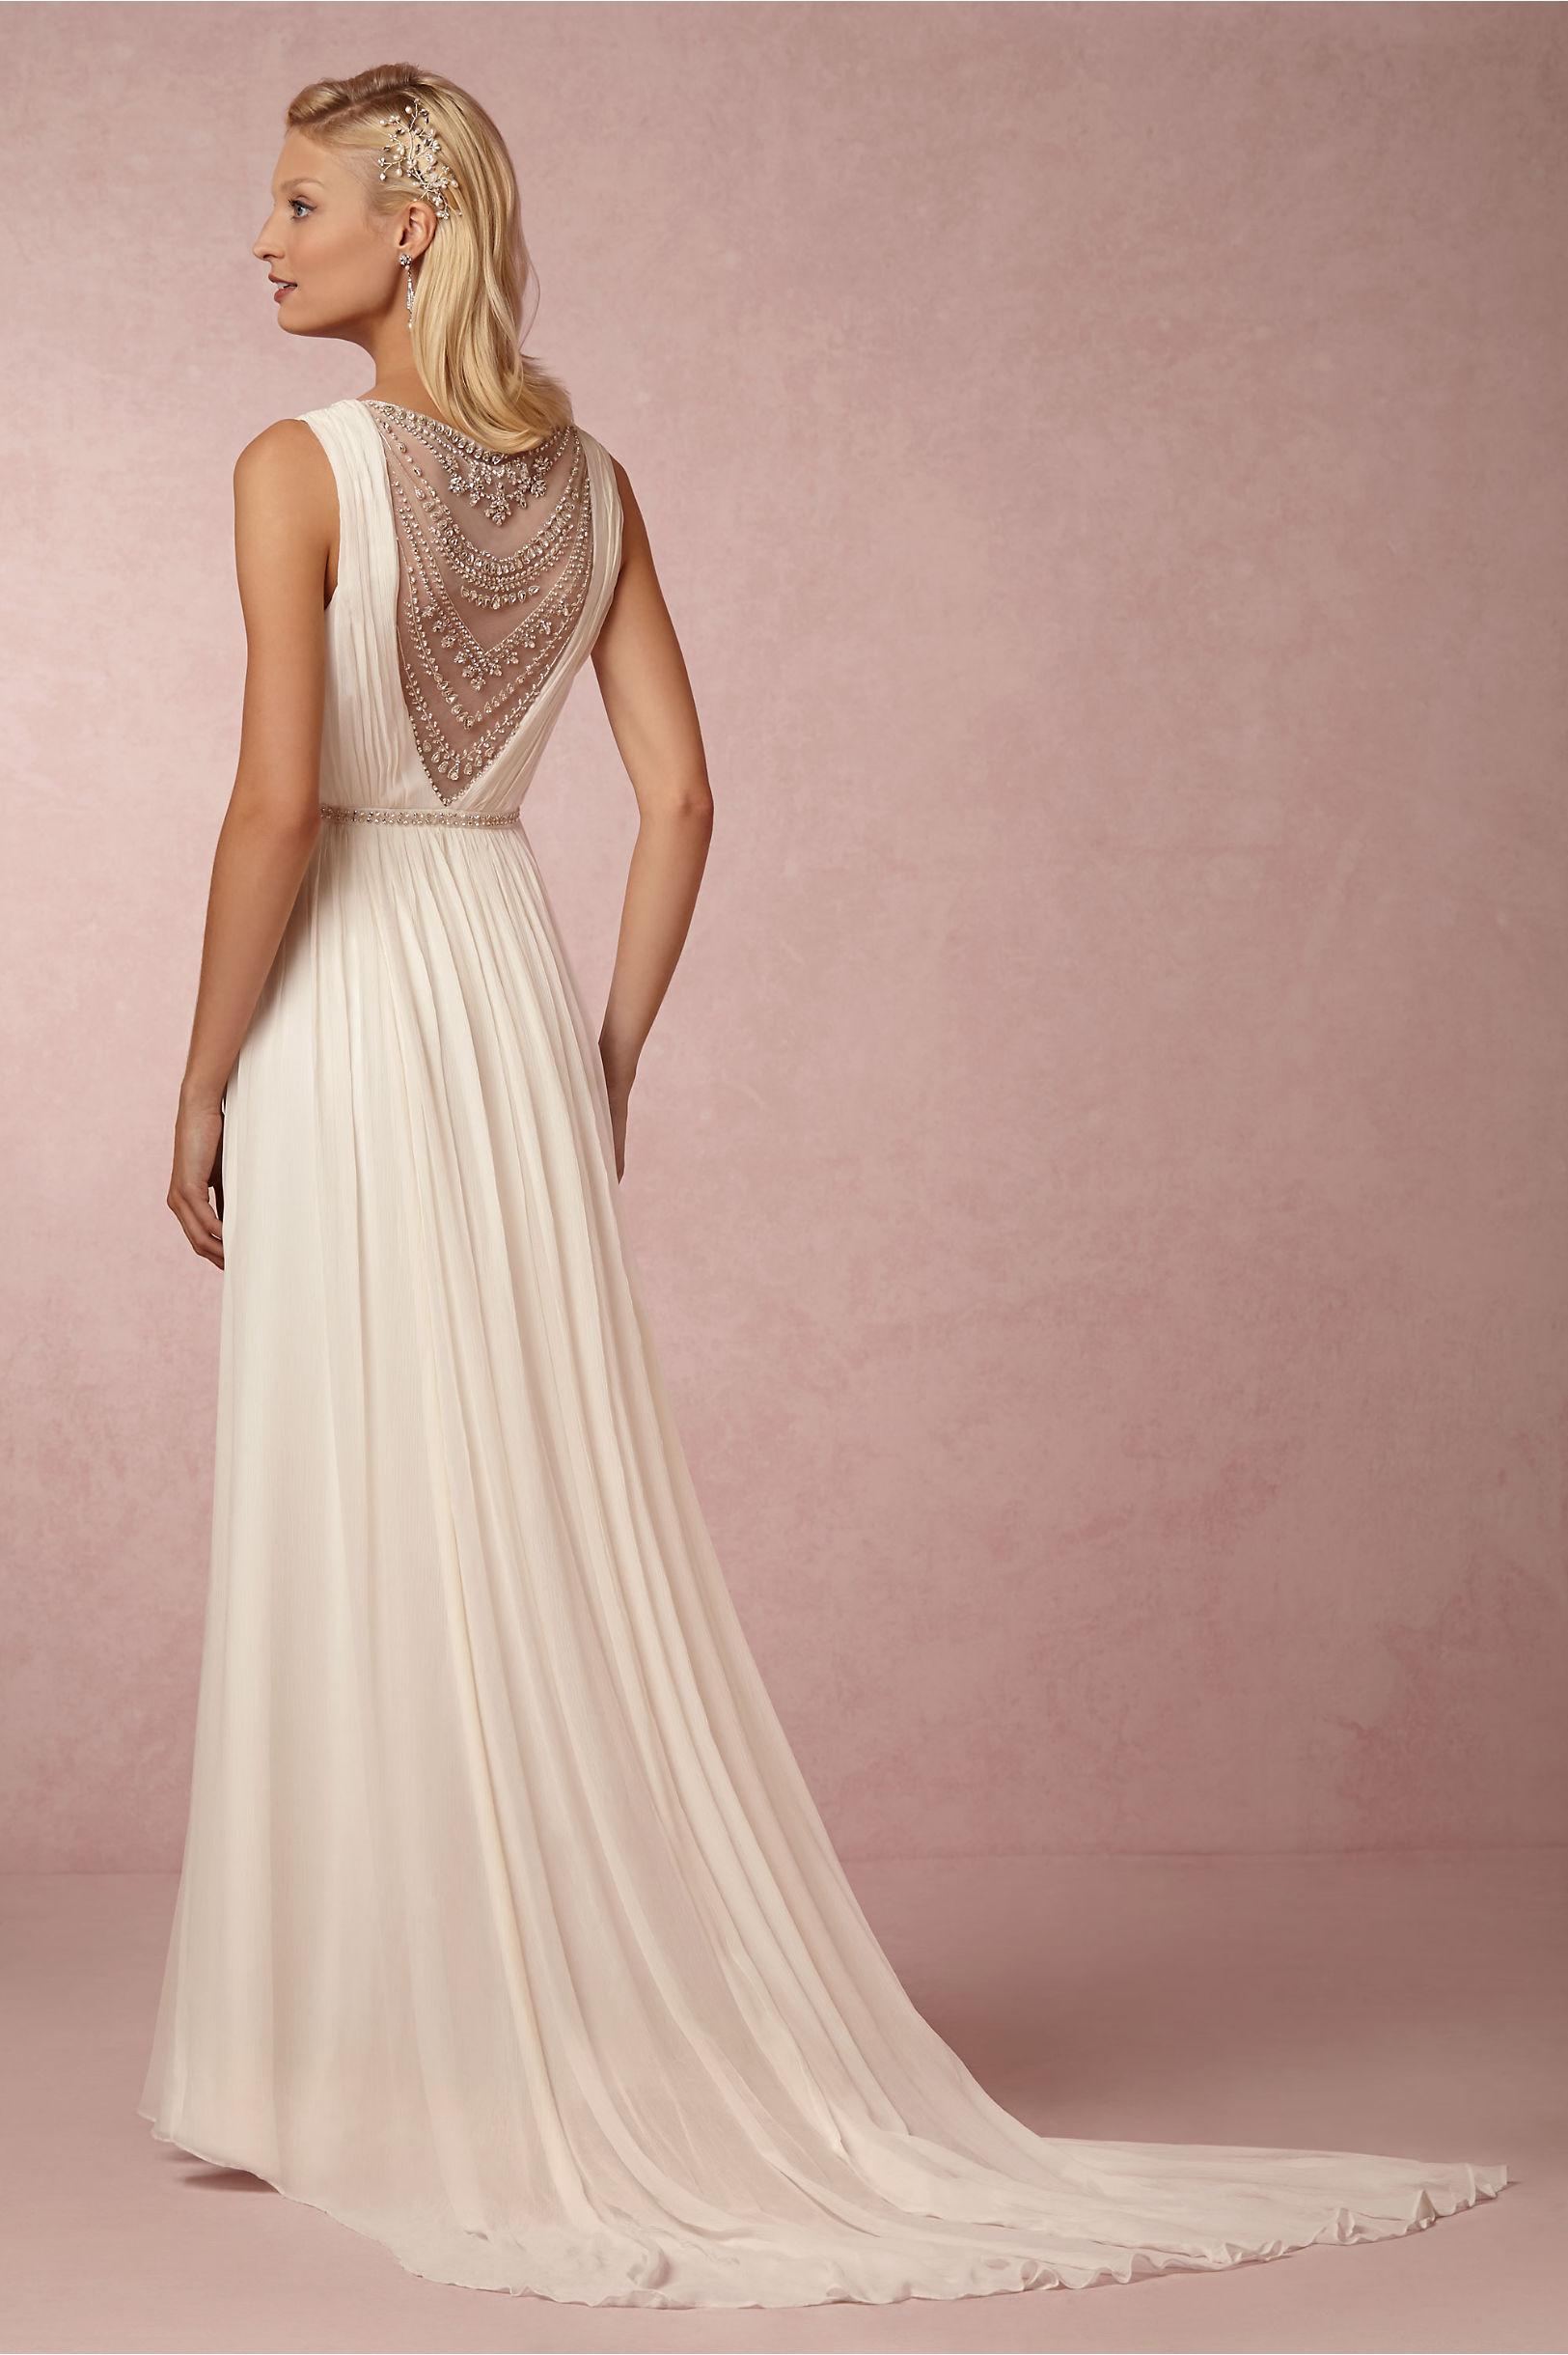 Hermosa Nicole Miller Elizabeth Vestido De Novia Composición ...